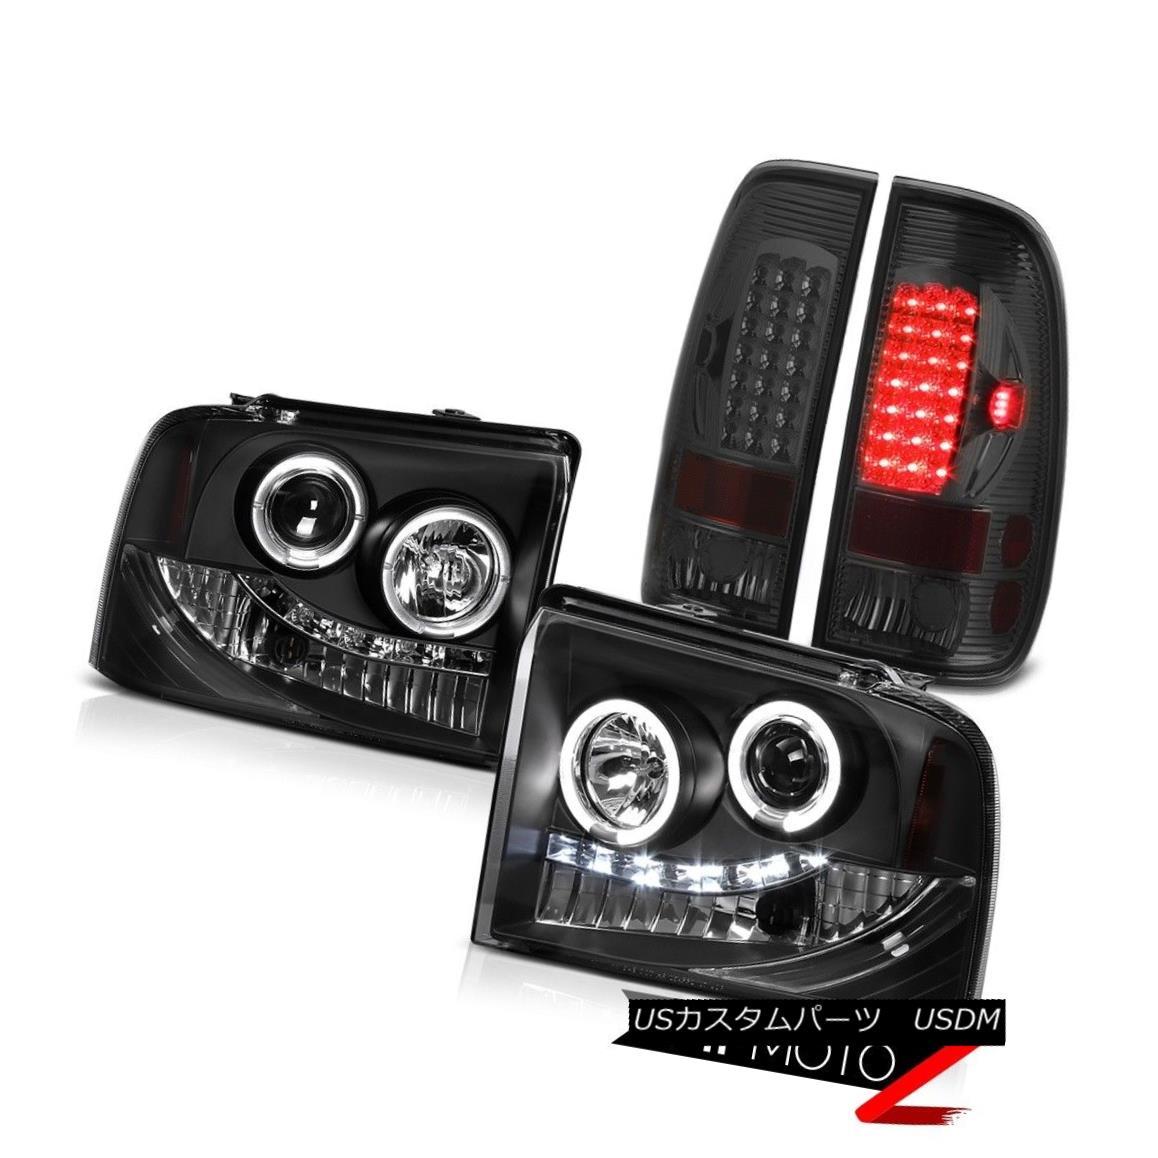 テールライト 2X Angel Eye DRL Projector Headlight Smoke Tail Light LED Ford F250 XL 2005-2007 2XエンジェルアイDRLプロジェクターヘッドライト煙テールライトLED Ford F250 XL 2005-2007